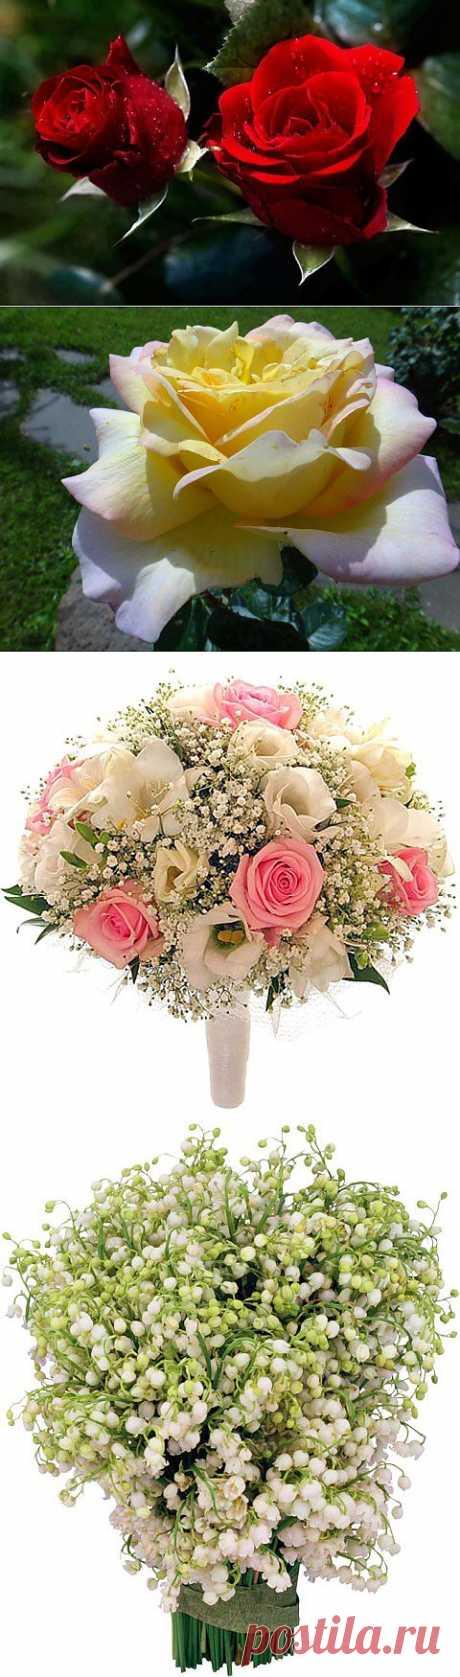 (+1) - Удивительный Мир! Живые цветы! Цветы распускаются! | УДИВИТЕЛЬНОЕ